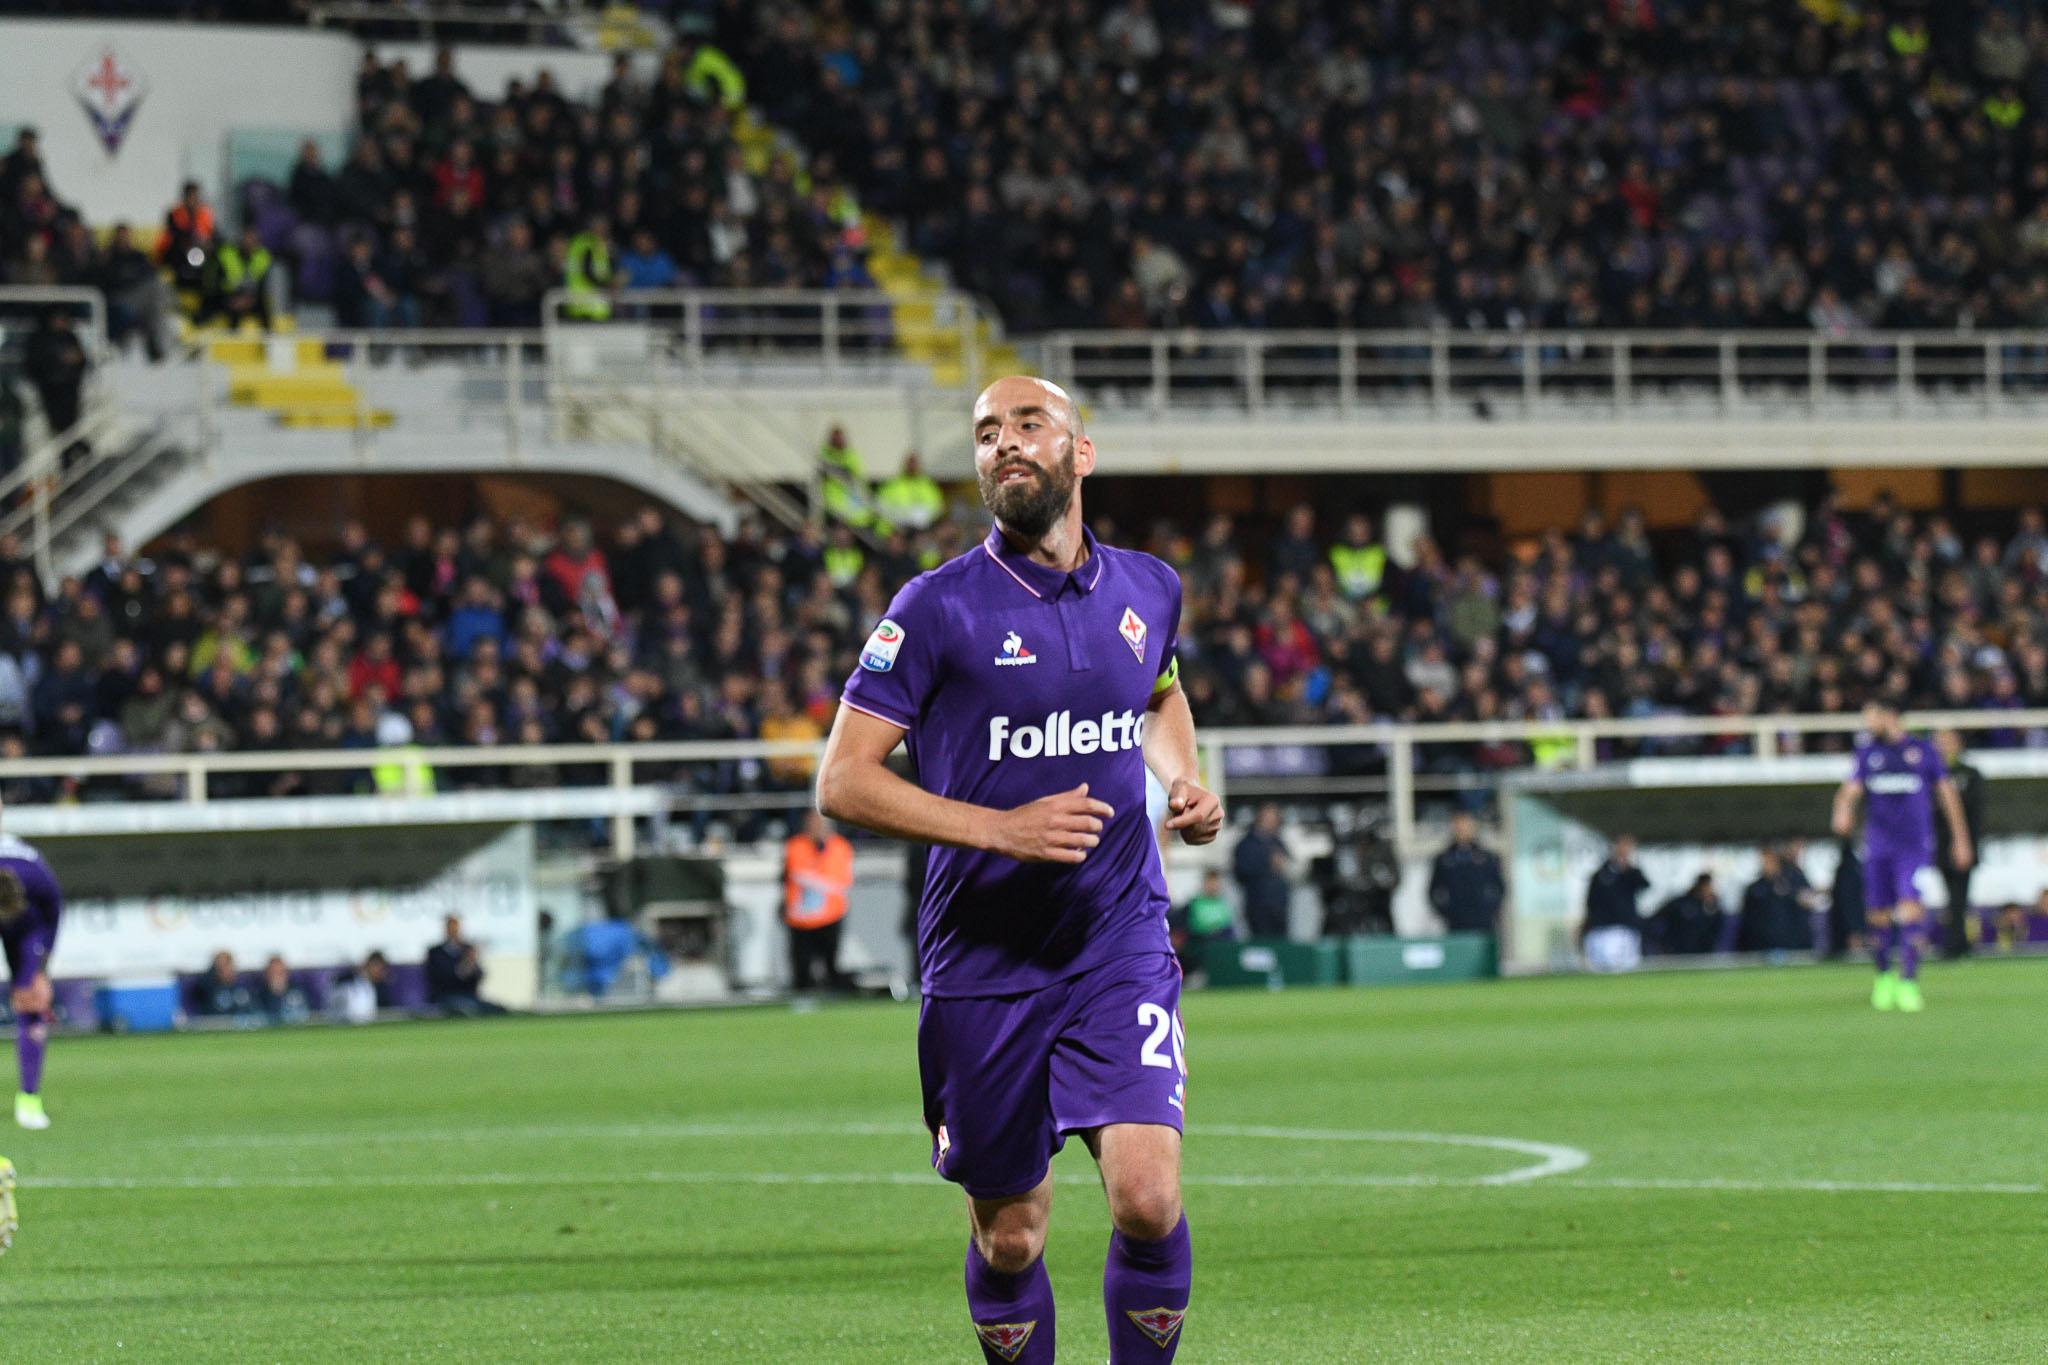 """Presidente ATF: """"Borja? Cessione sconvolgente. Vedere Bernardeschi alla Juventus farebbe ancora più male"""""""